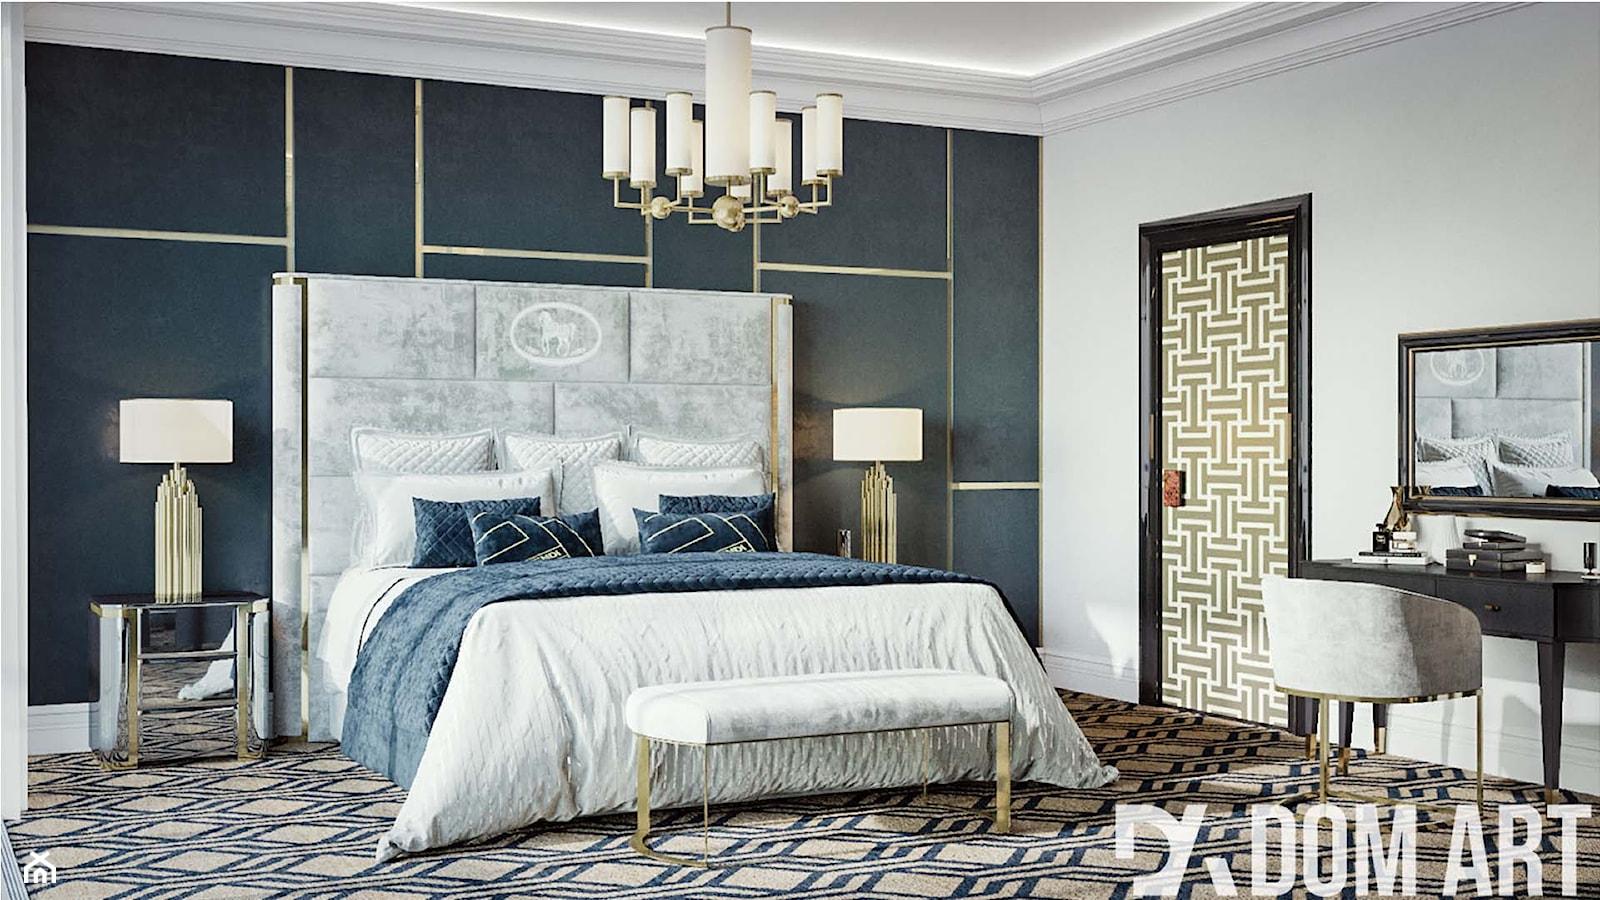 Apartament Art-Deco w Warszawie - Duża biała czarna sypialnia małżeńska, styl art deco - zdjęcie od Dom-Art - Homebook